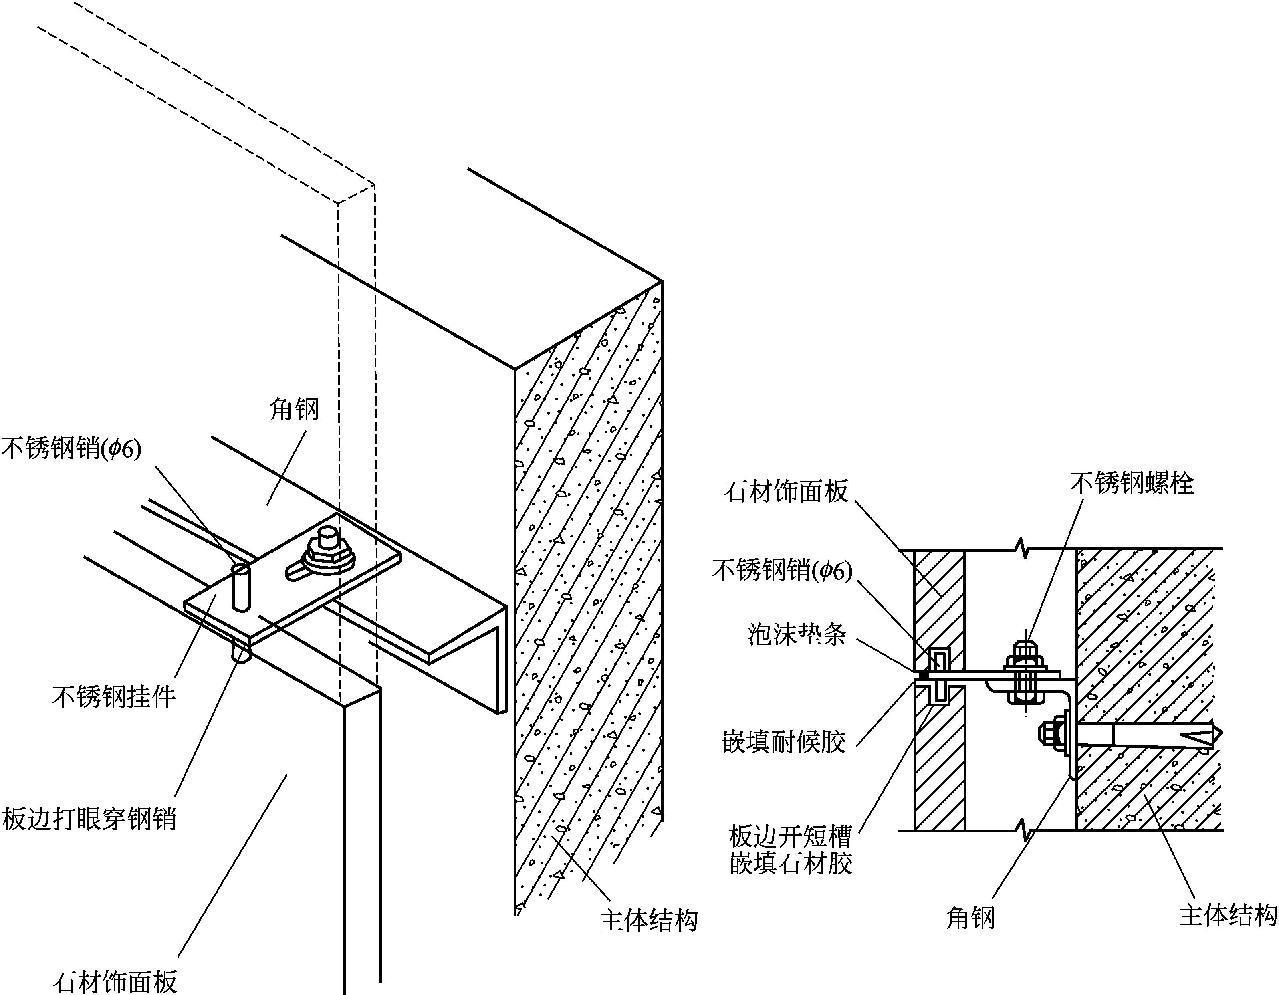 石材幕墙的组成和构造